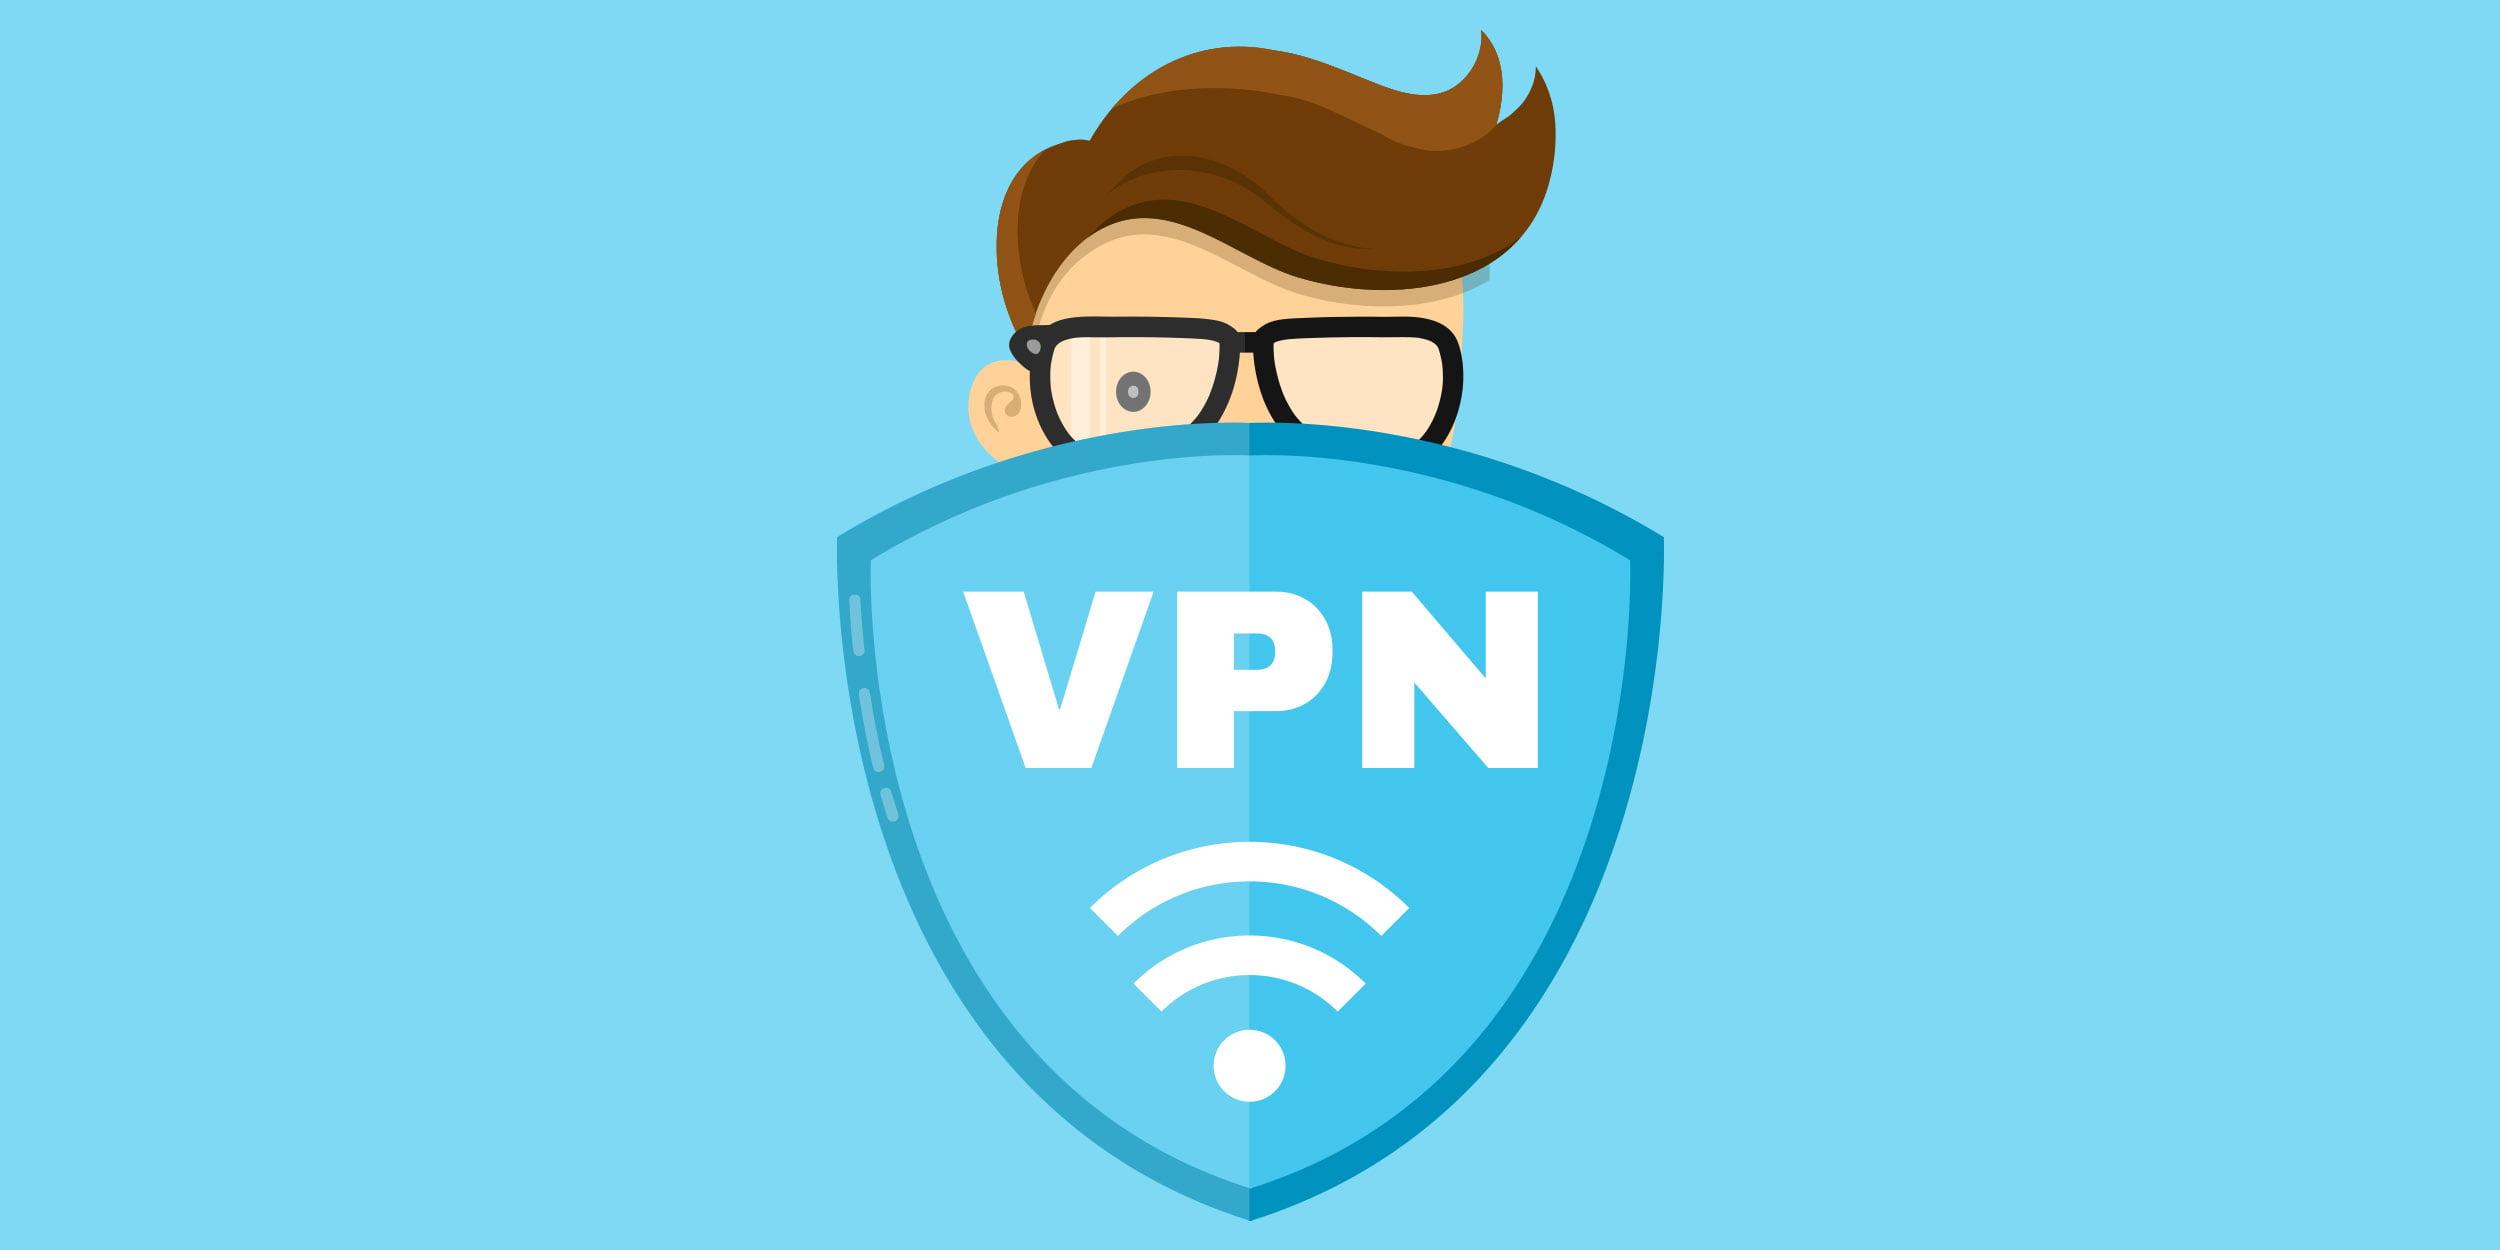 7 проблем, которые решает VPN